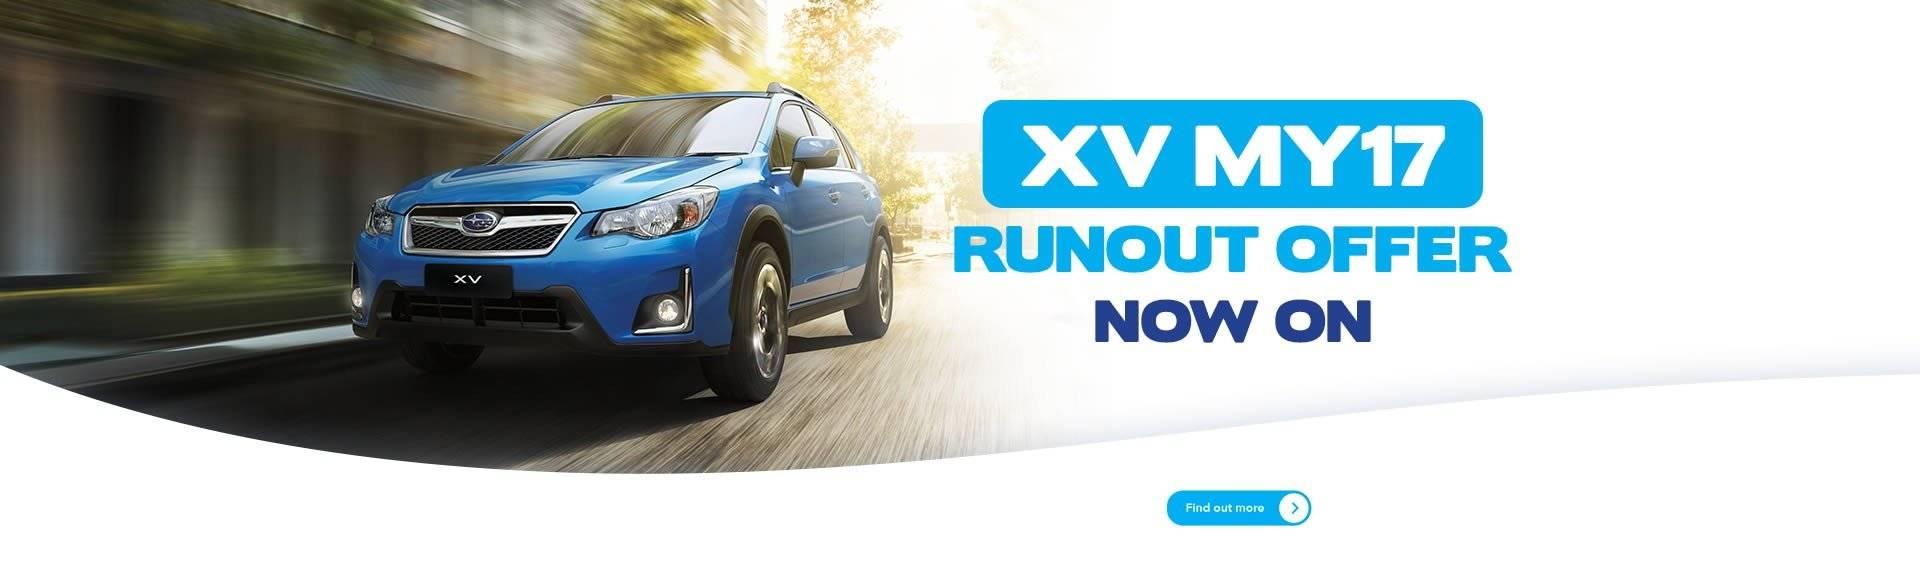 Subaru Melbourne XV MY17 Runout Offer